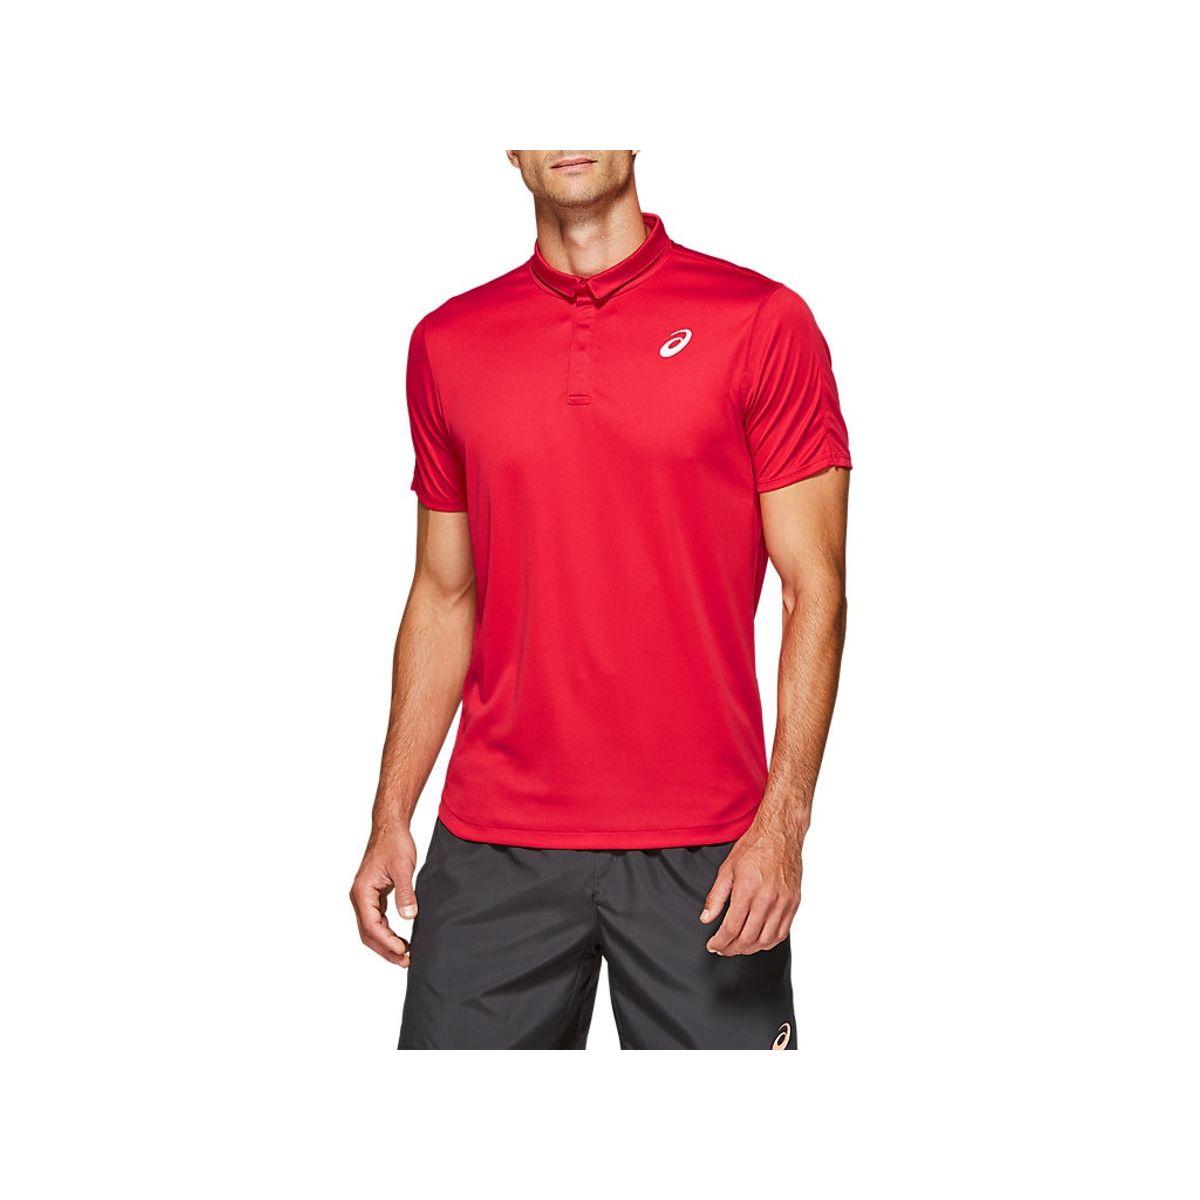 Camisa-Polo-Asics-Polo---Masculino---Vermelho